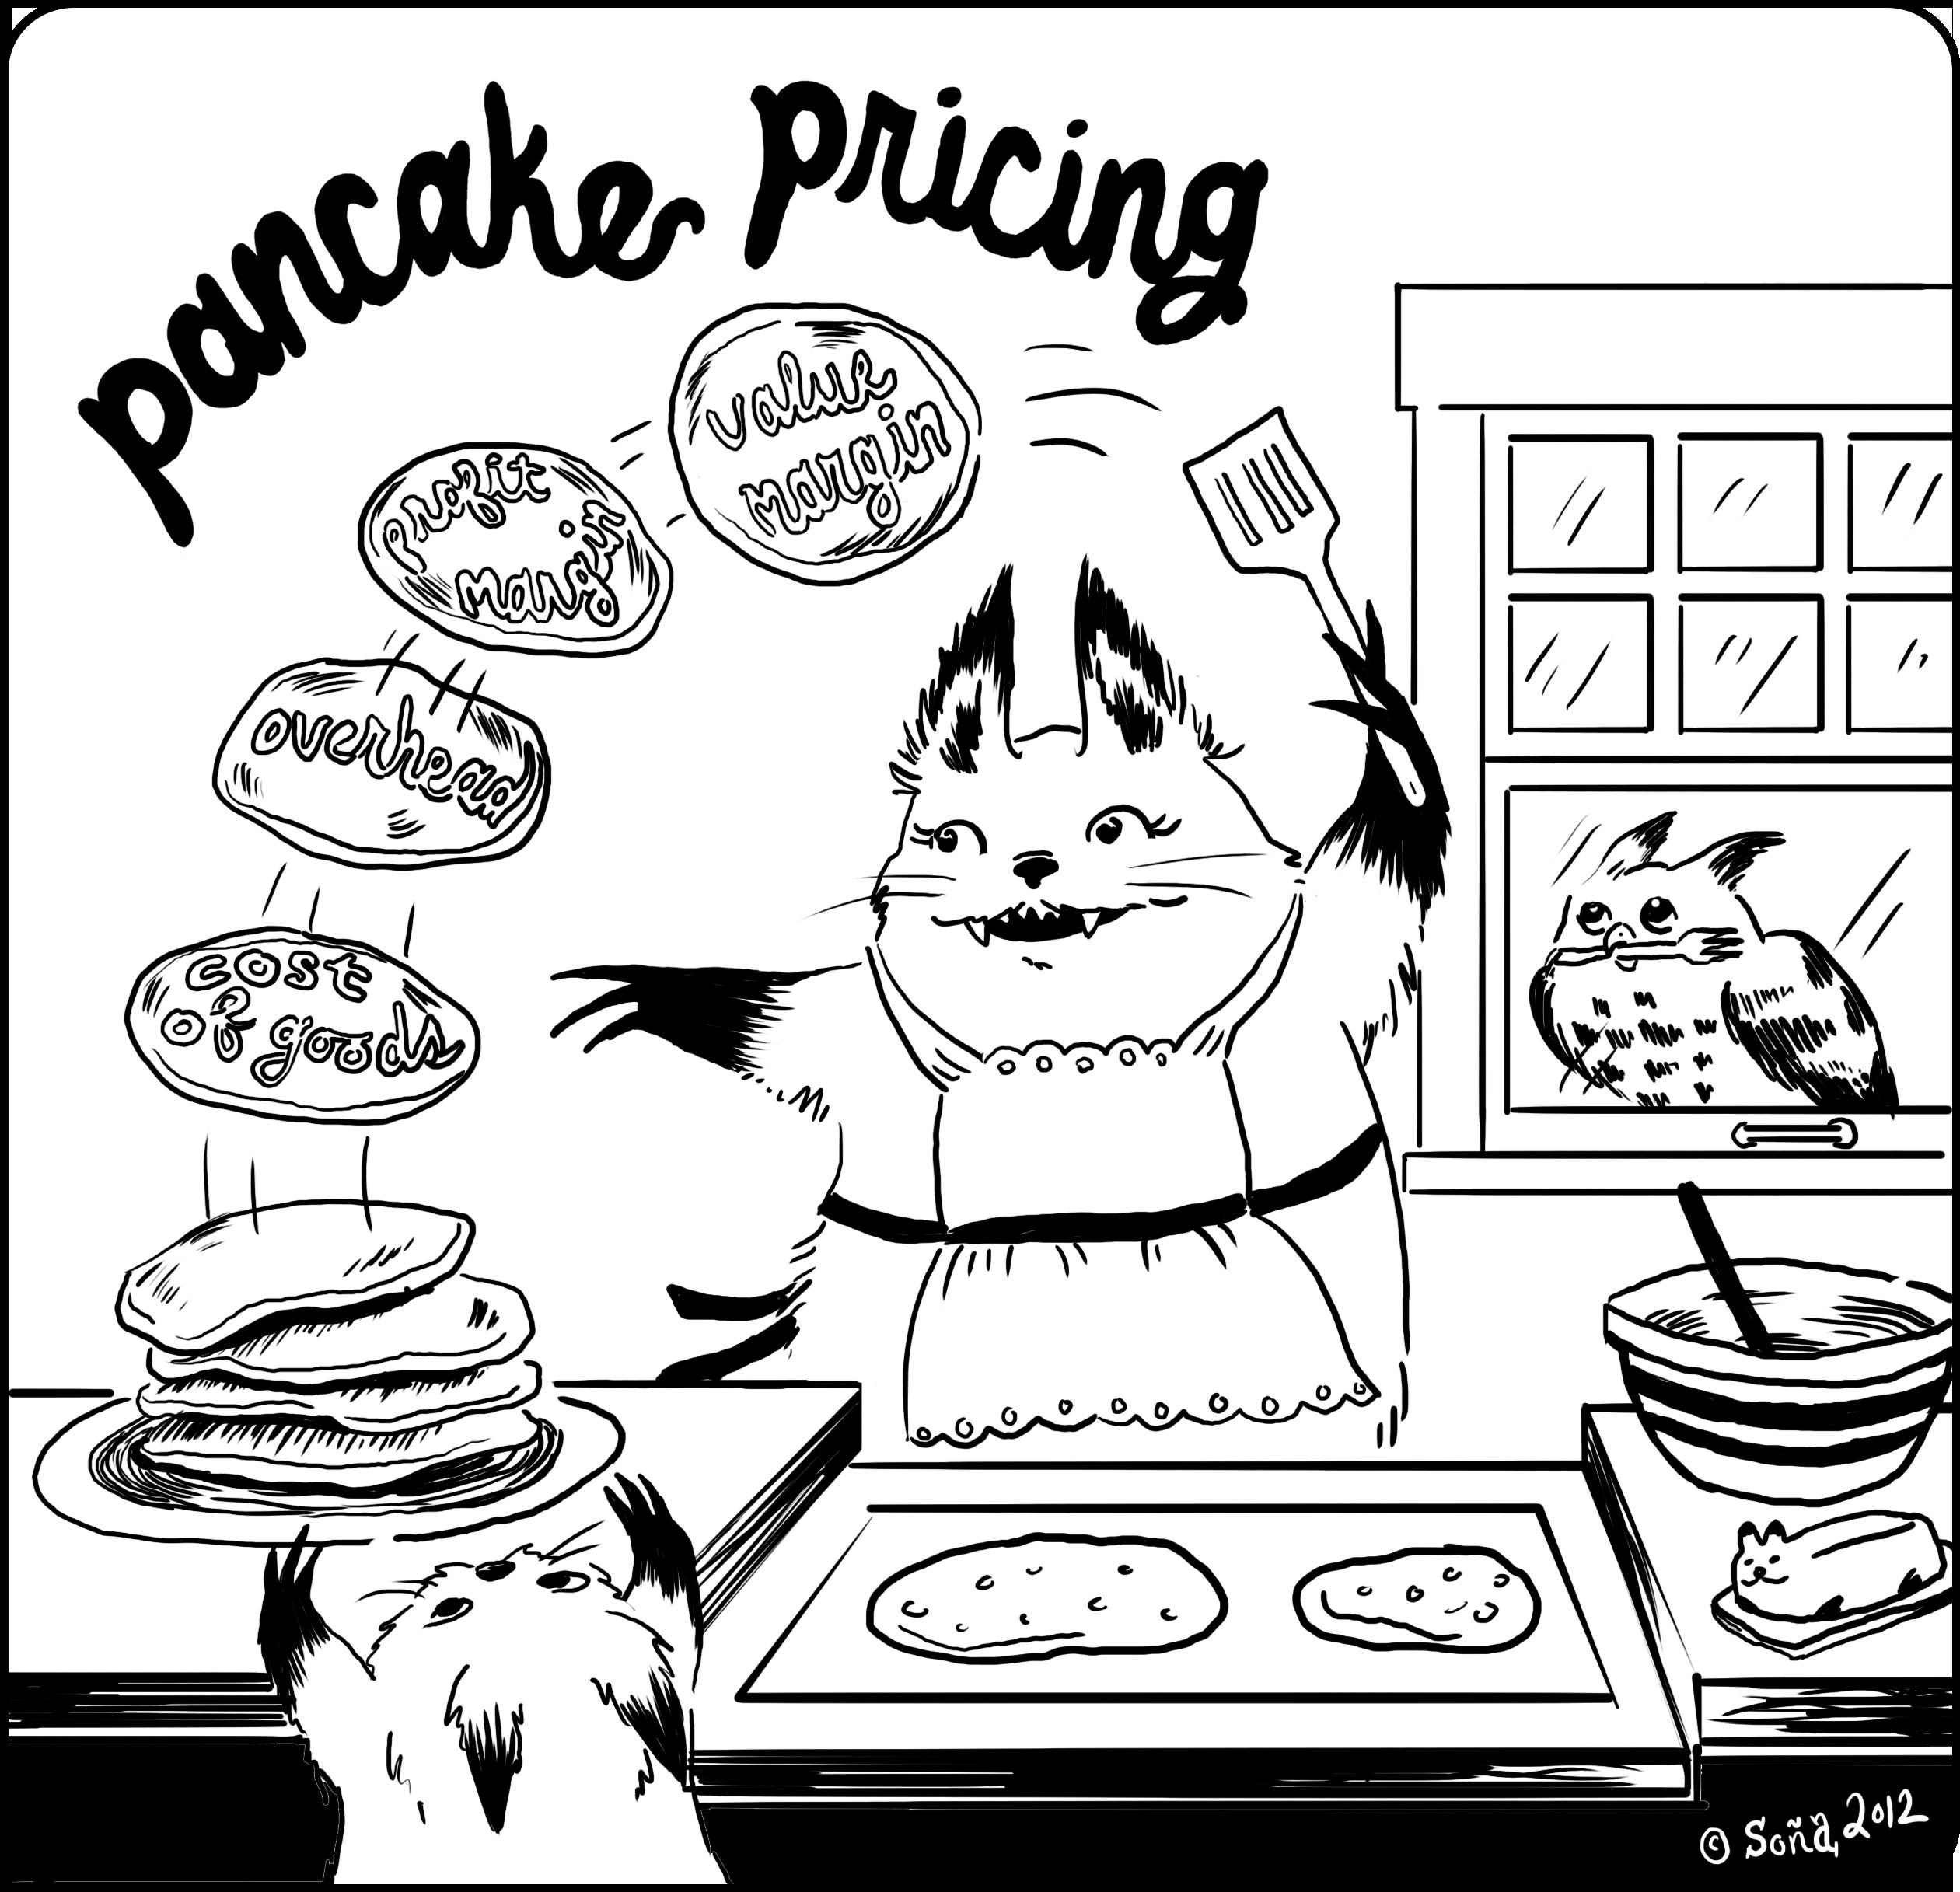 2521x2434 Pancake Pricing